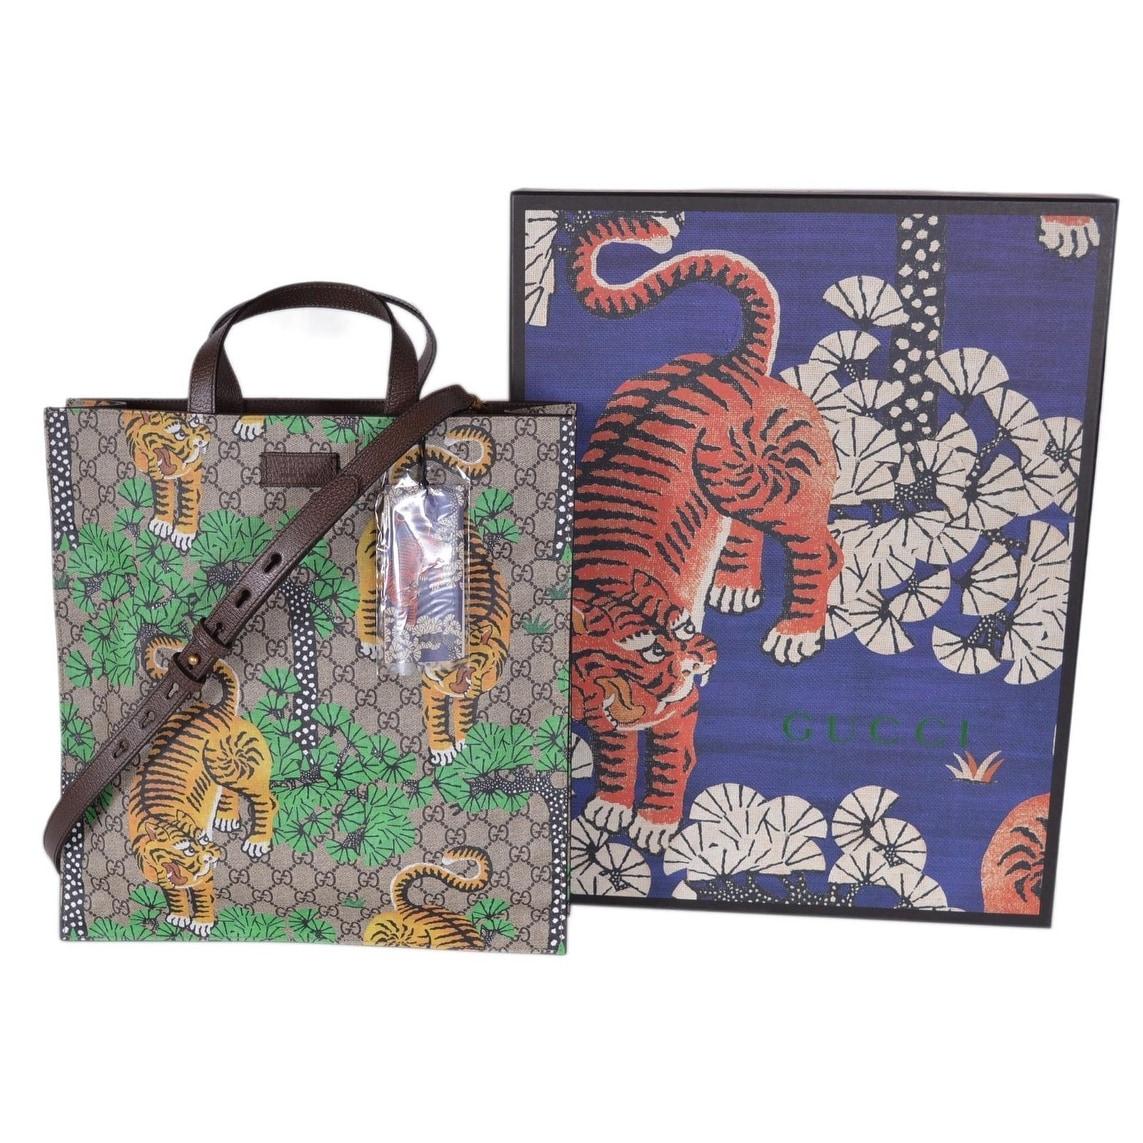 06898d992147 Shop Gucci Women's GG Supreme Bengal Tiger Crossbody Purse Tote - Multi -  14